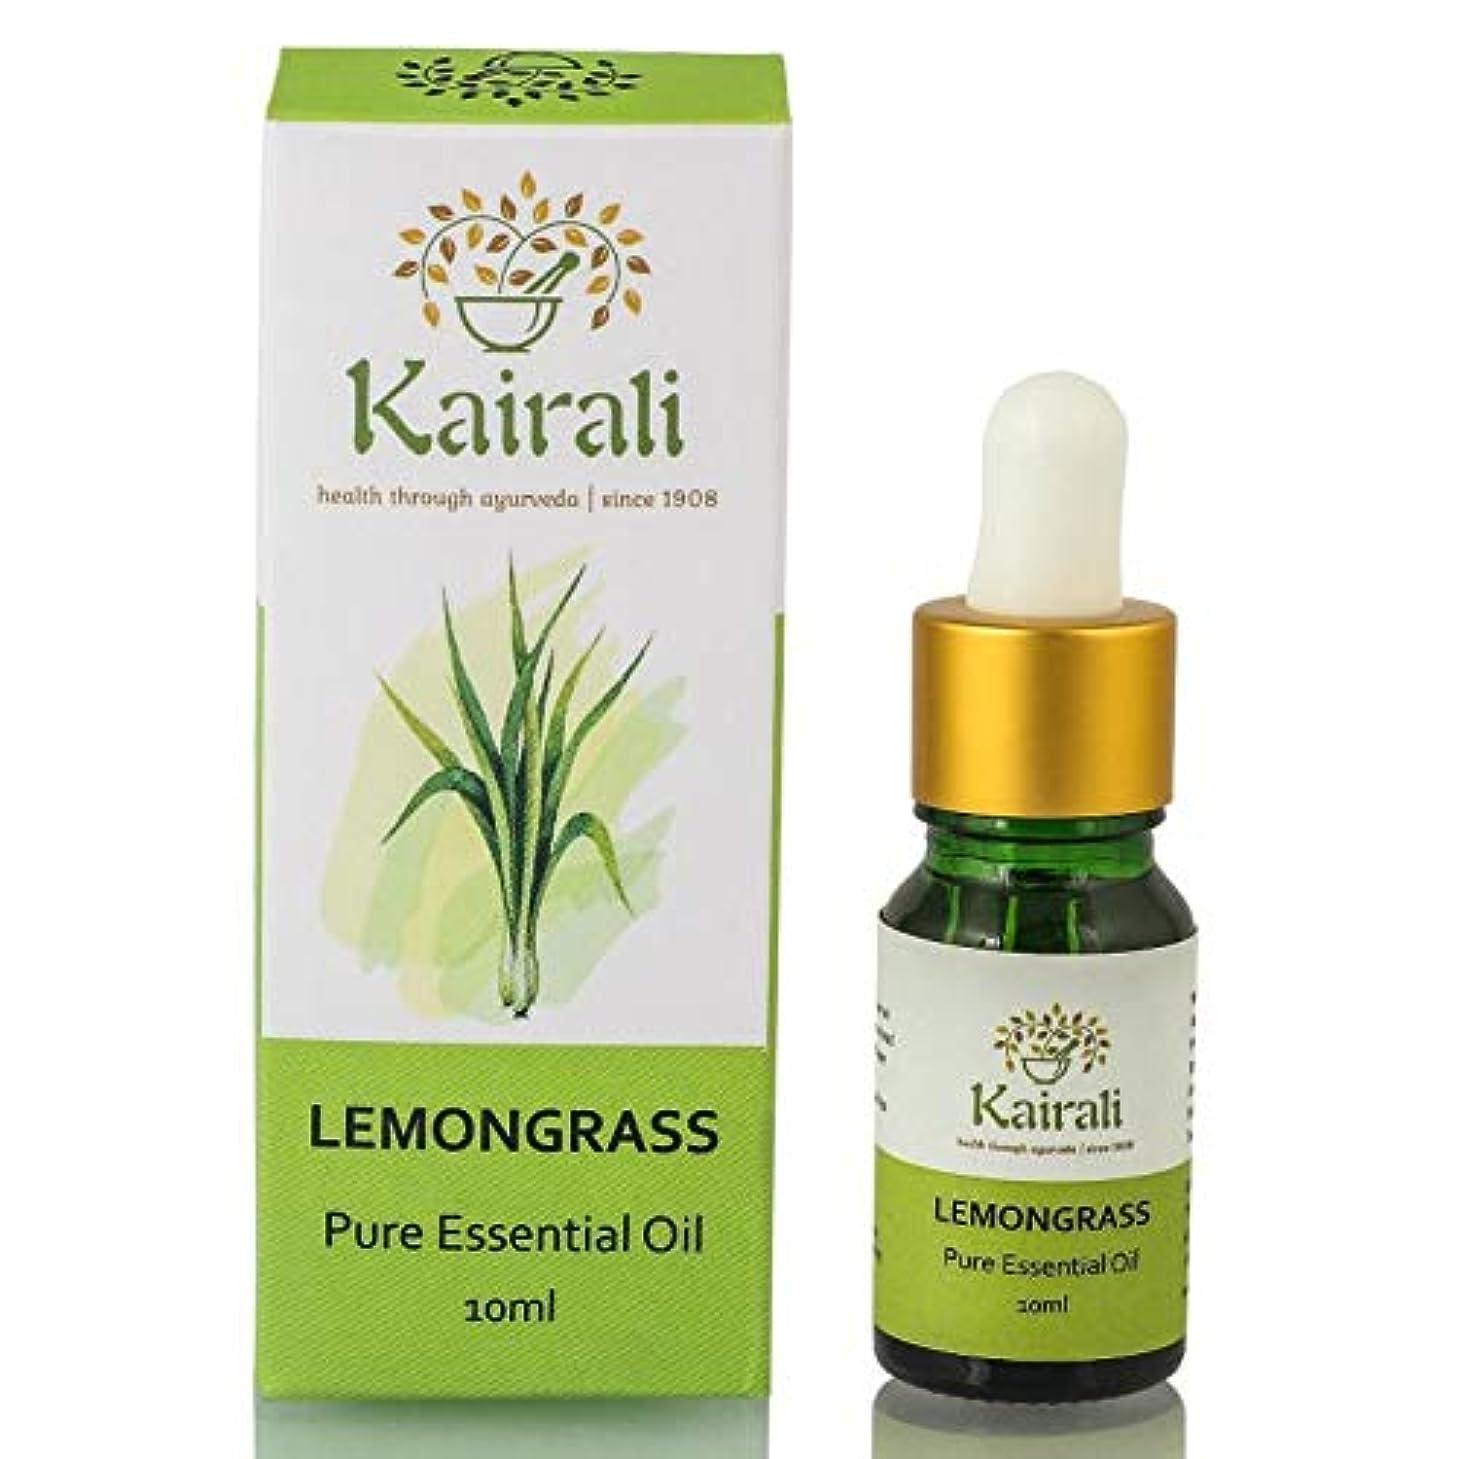 荒廃する究極の臭いカイラリ エッセンシャルオイル レモングラス 10ml(天然100%精油)Kairali アロマオイル